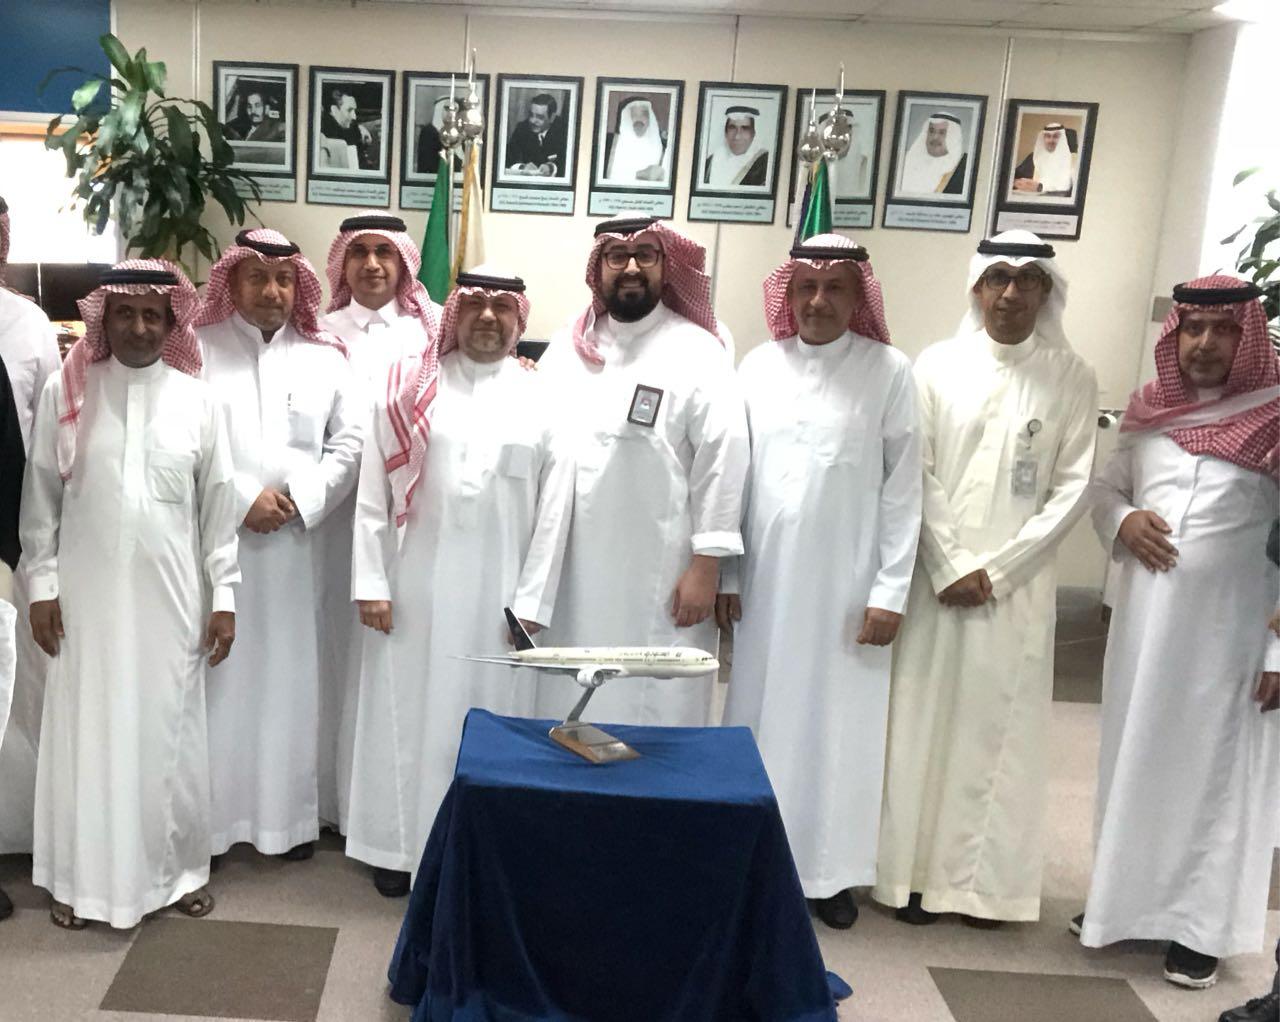 الخطوط السعودية تكرم متحدثها الرسمي وتستقبل الجديد